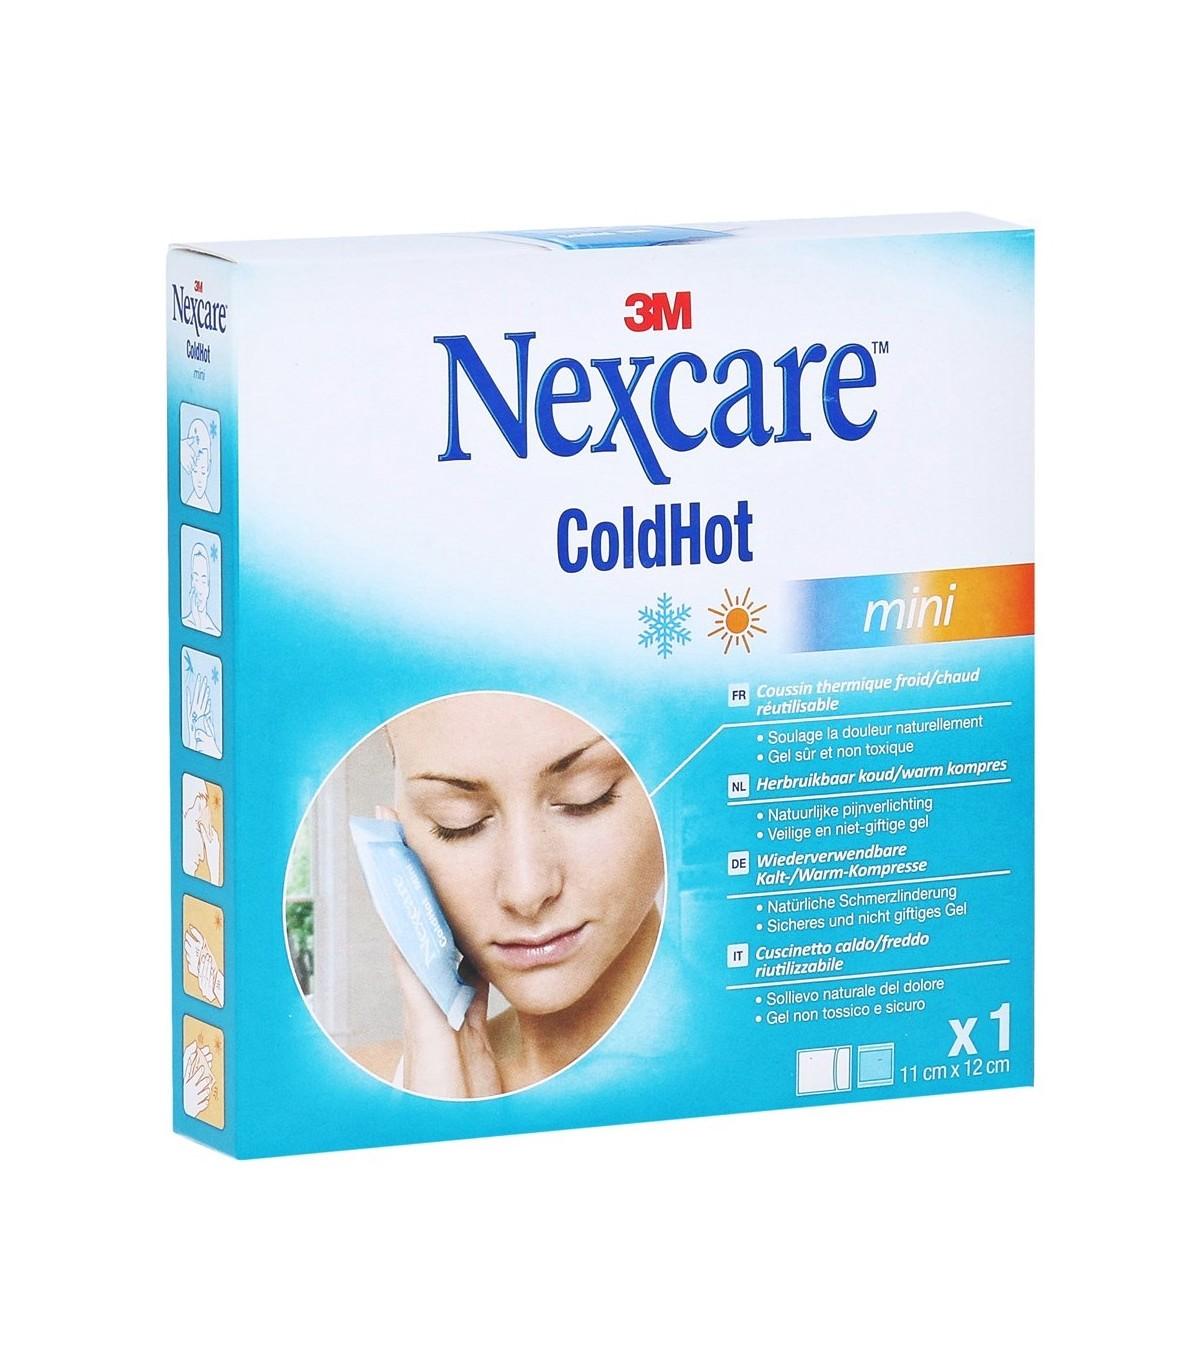 3M Nexcare ColdHot Mini Cuscino Caldo/Freddo  Riutilizzabile 11cm x 12cm 1 pezzo